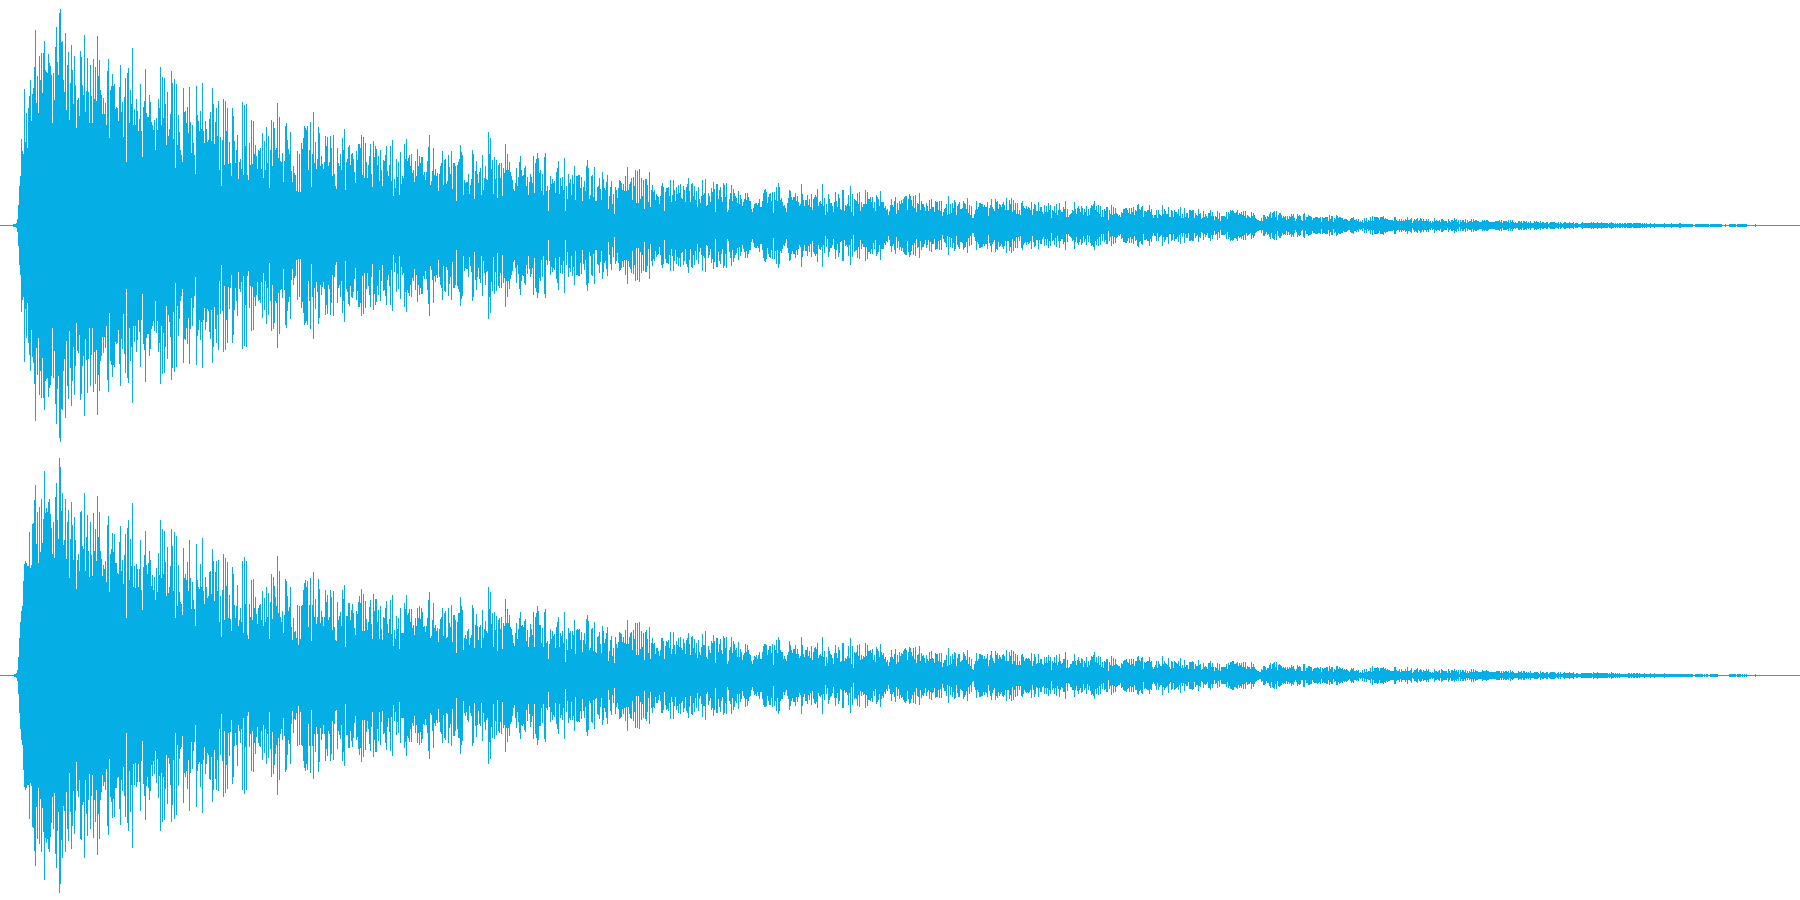 こんがらがる 失敗する等(ビヨヨヨン…)の再生済みの波形